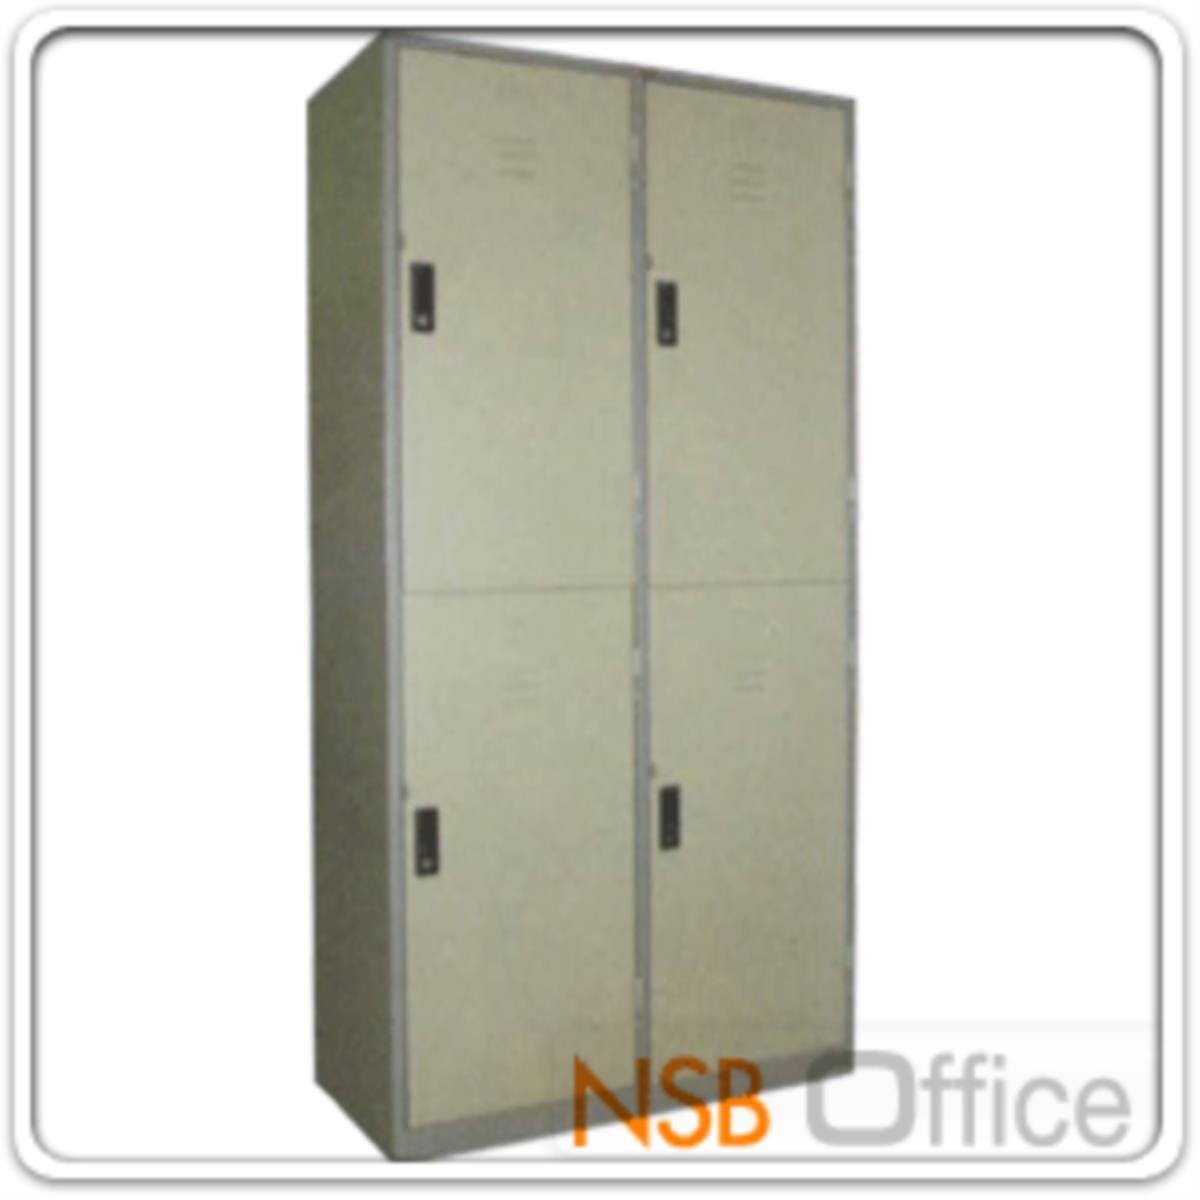 ตู้ล็อกเกอร์ 4 ประตู 91W*45D*182H cm  (สำหรับ 4 คน)